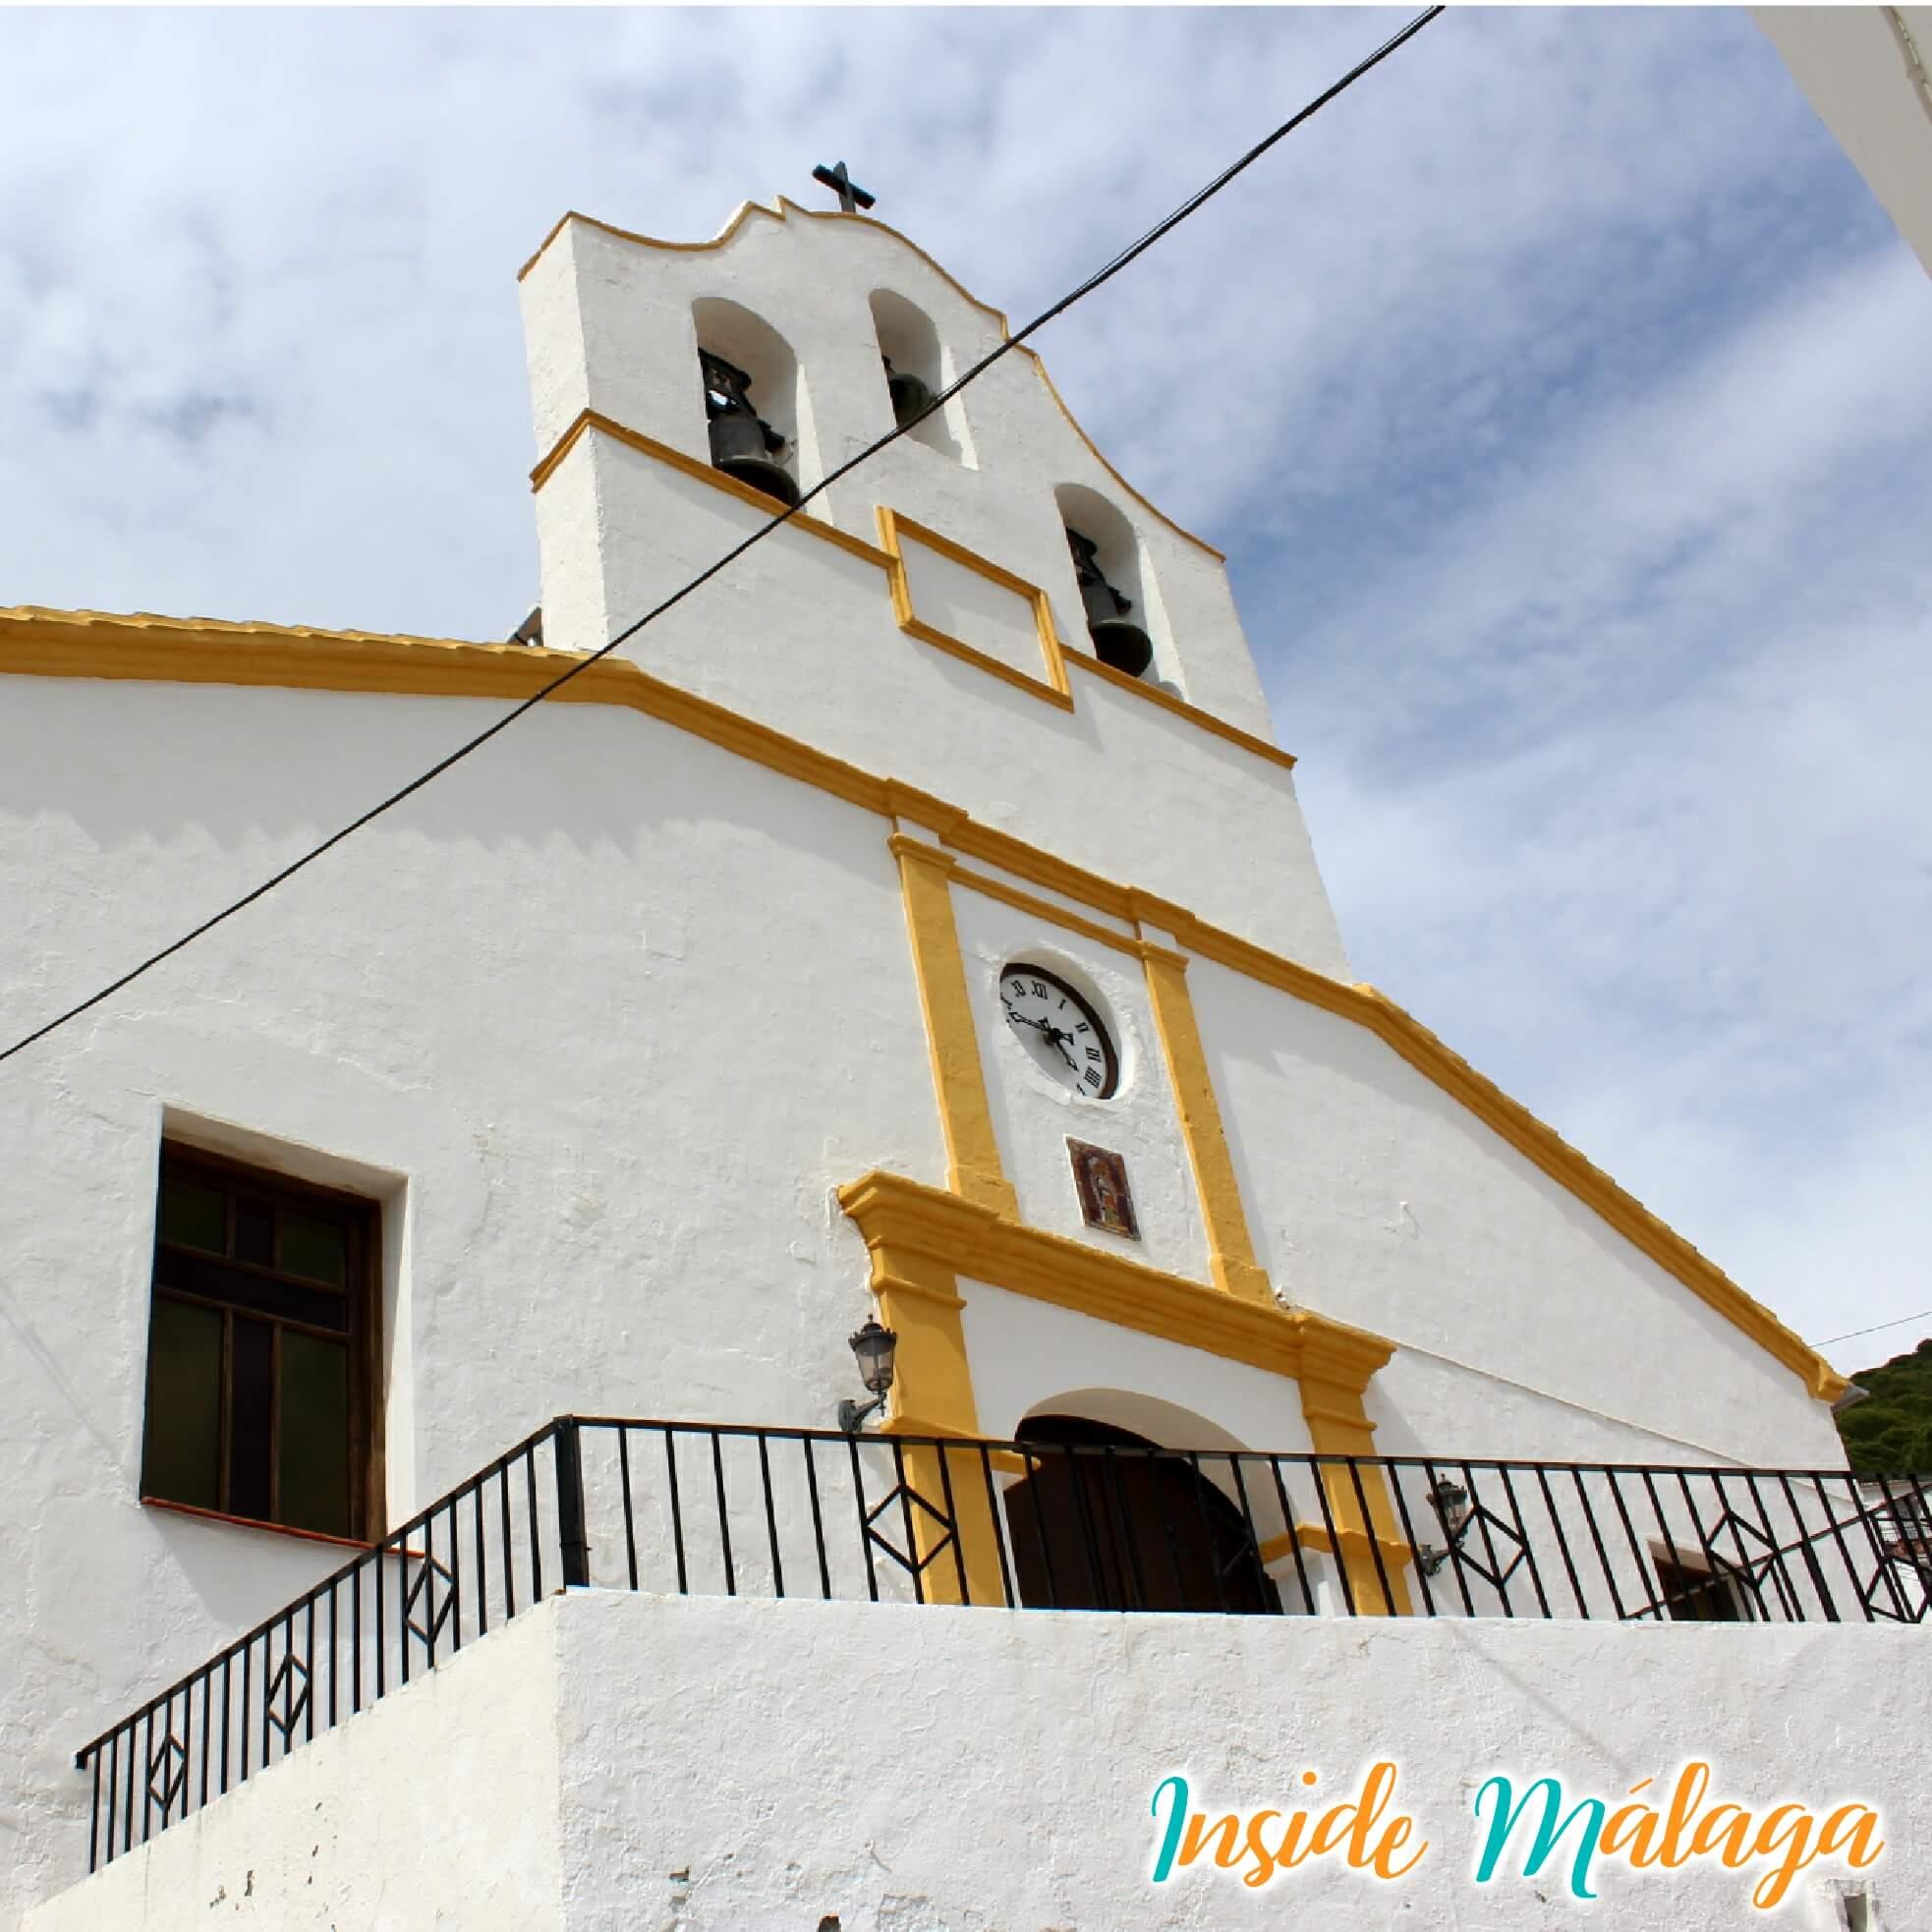 La iglesia parroquial de Nuestra Señora de la SaludCarratraca